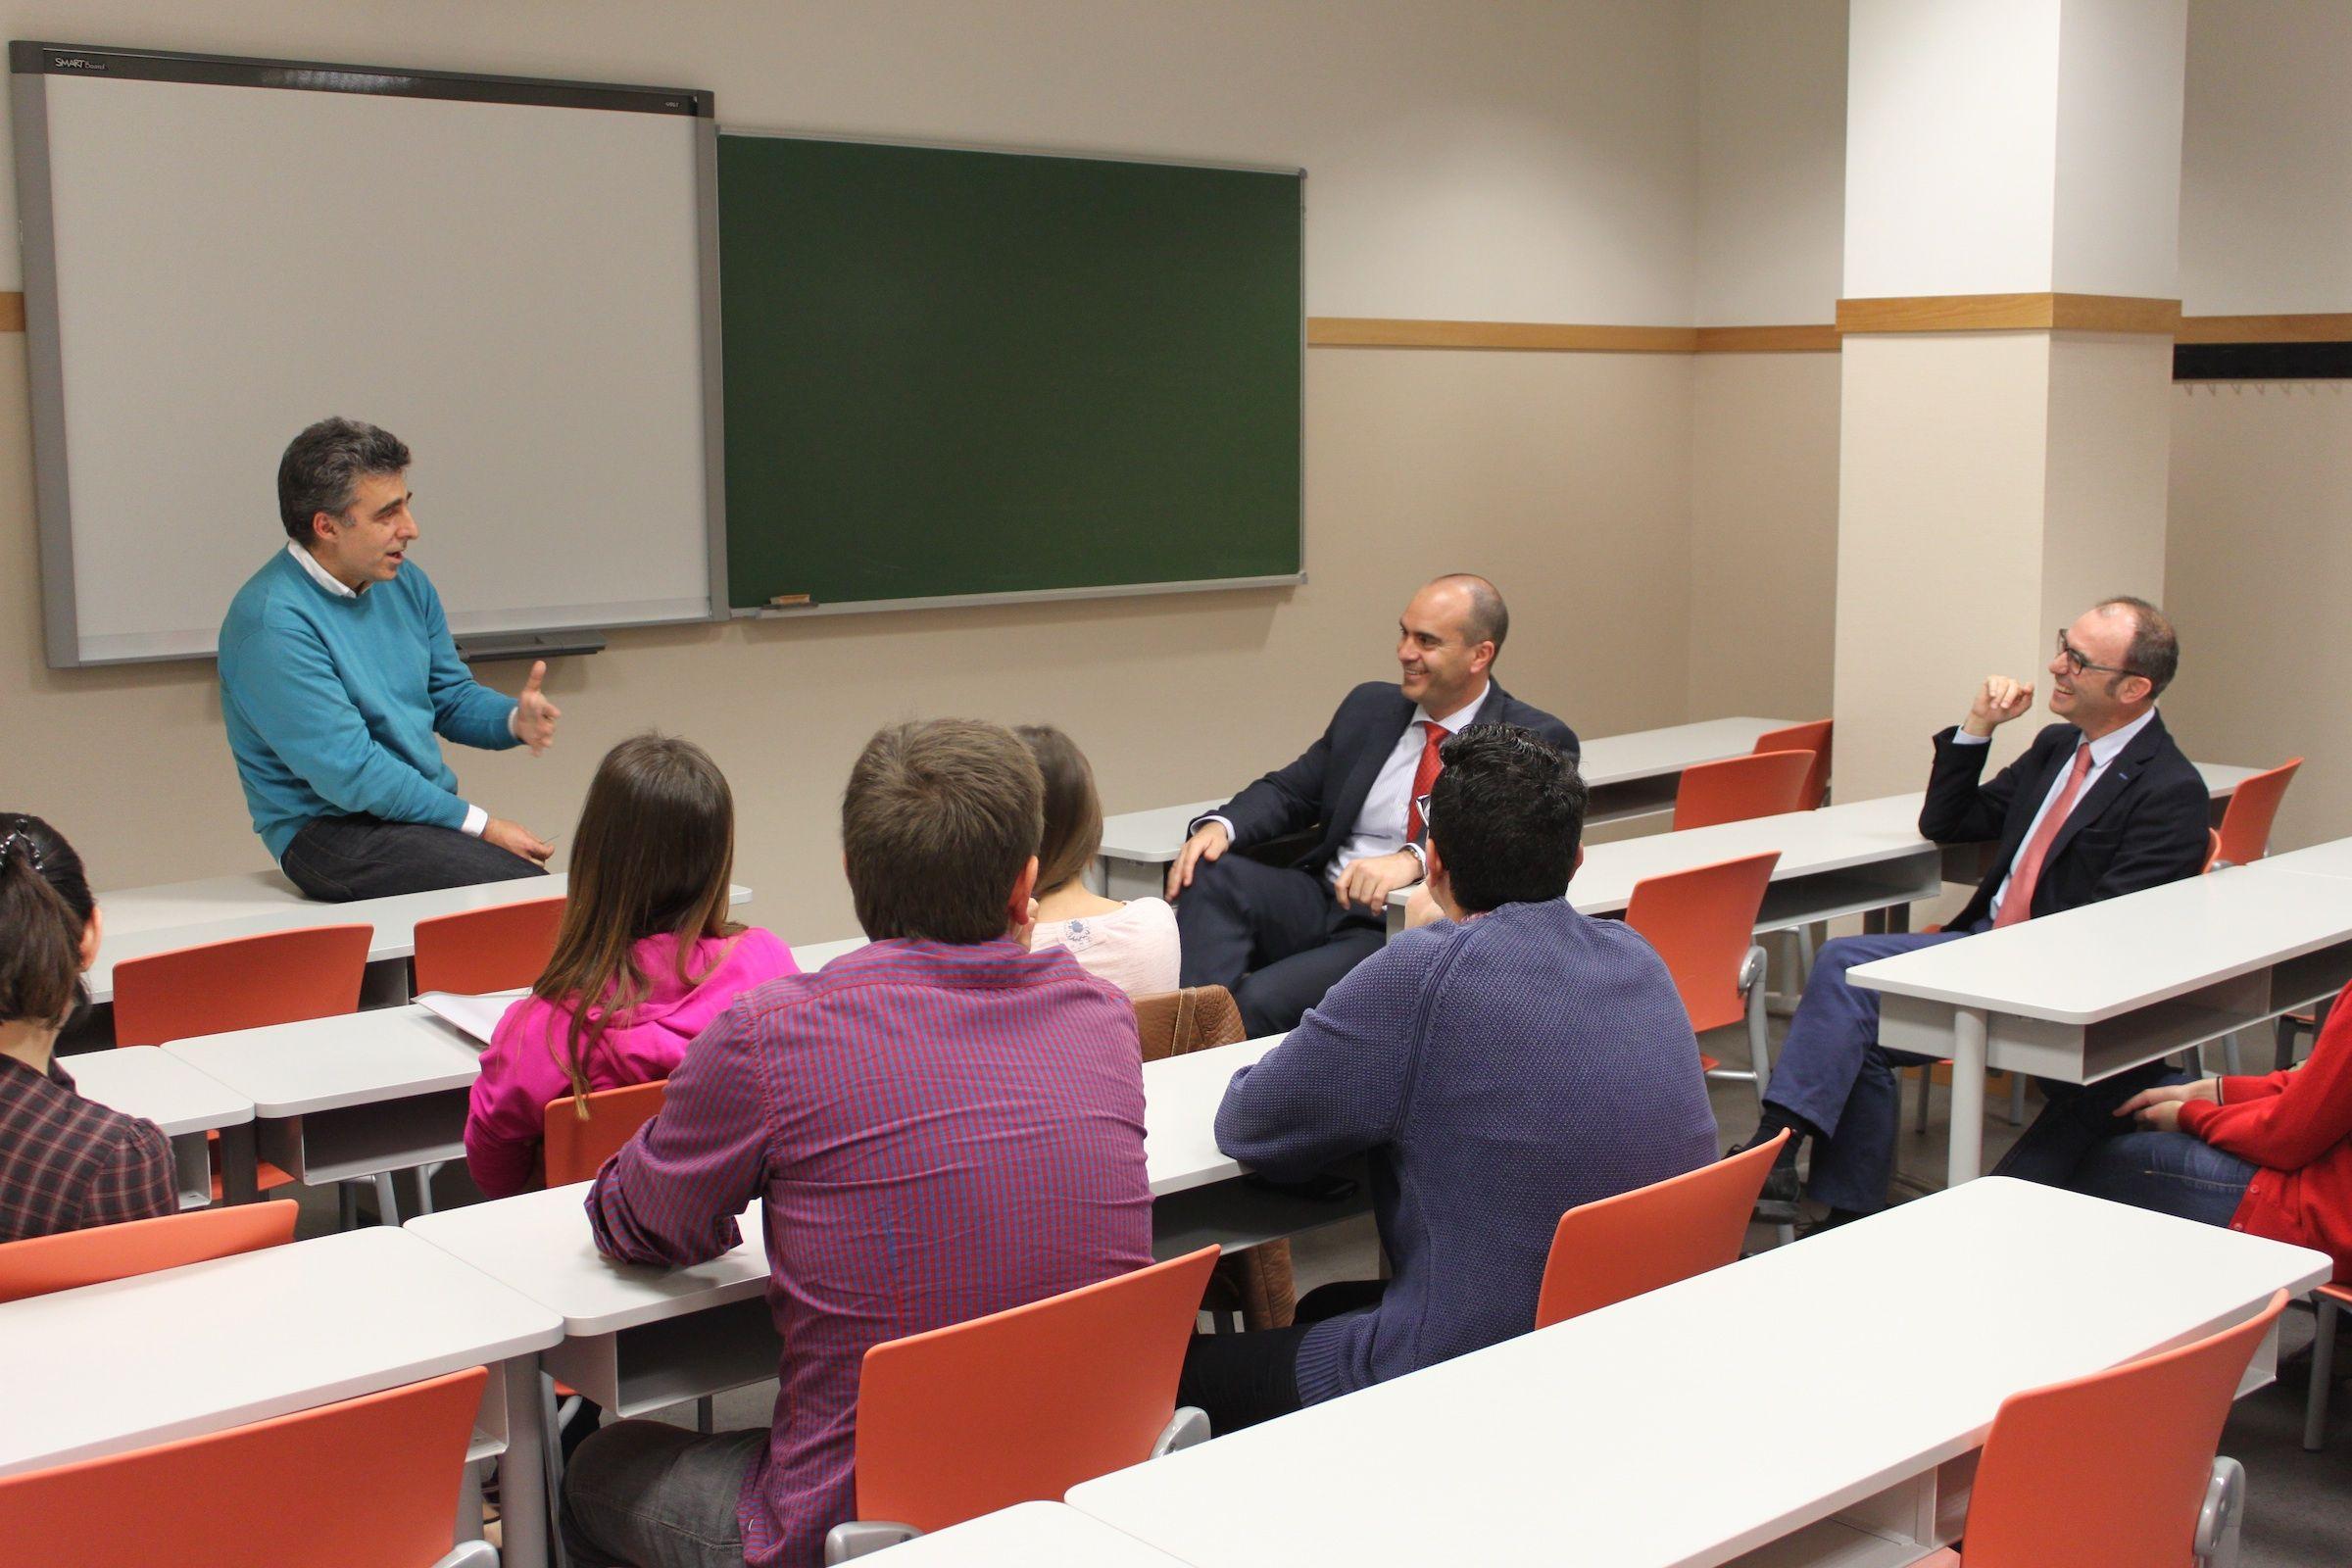 Penadés, Corpa, Pérez Roger junto a investigadores de la CEU-UCH, durante la charla organizada por el ICB.